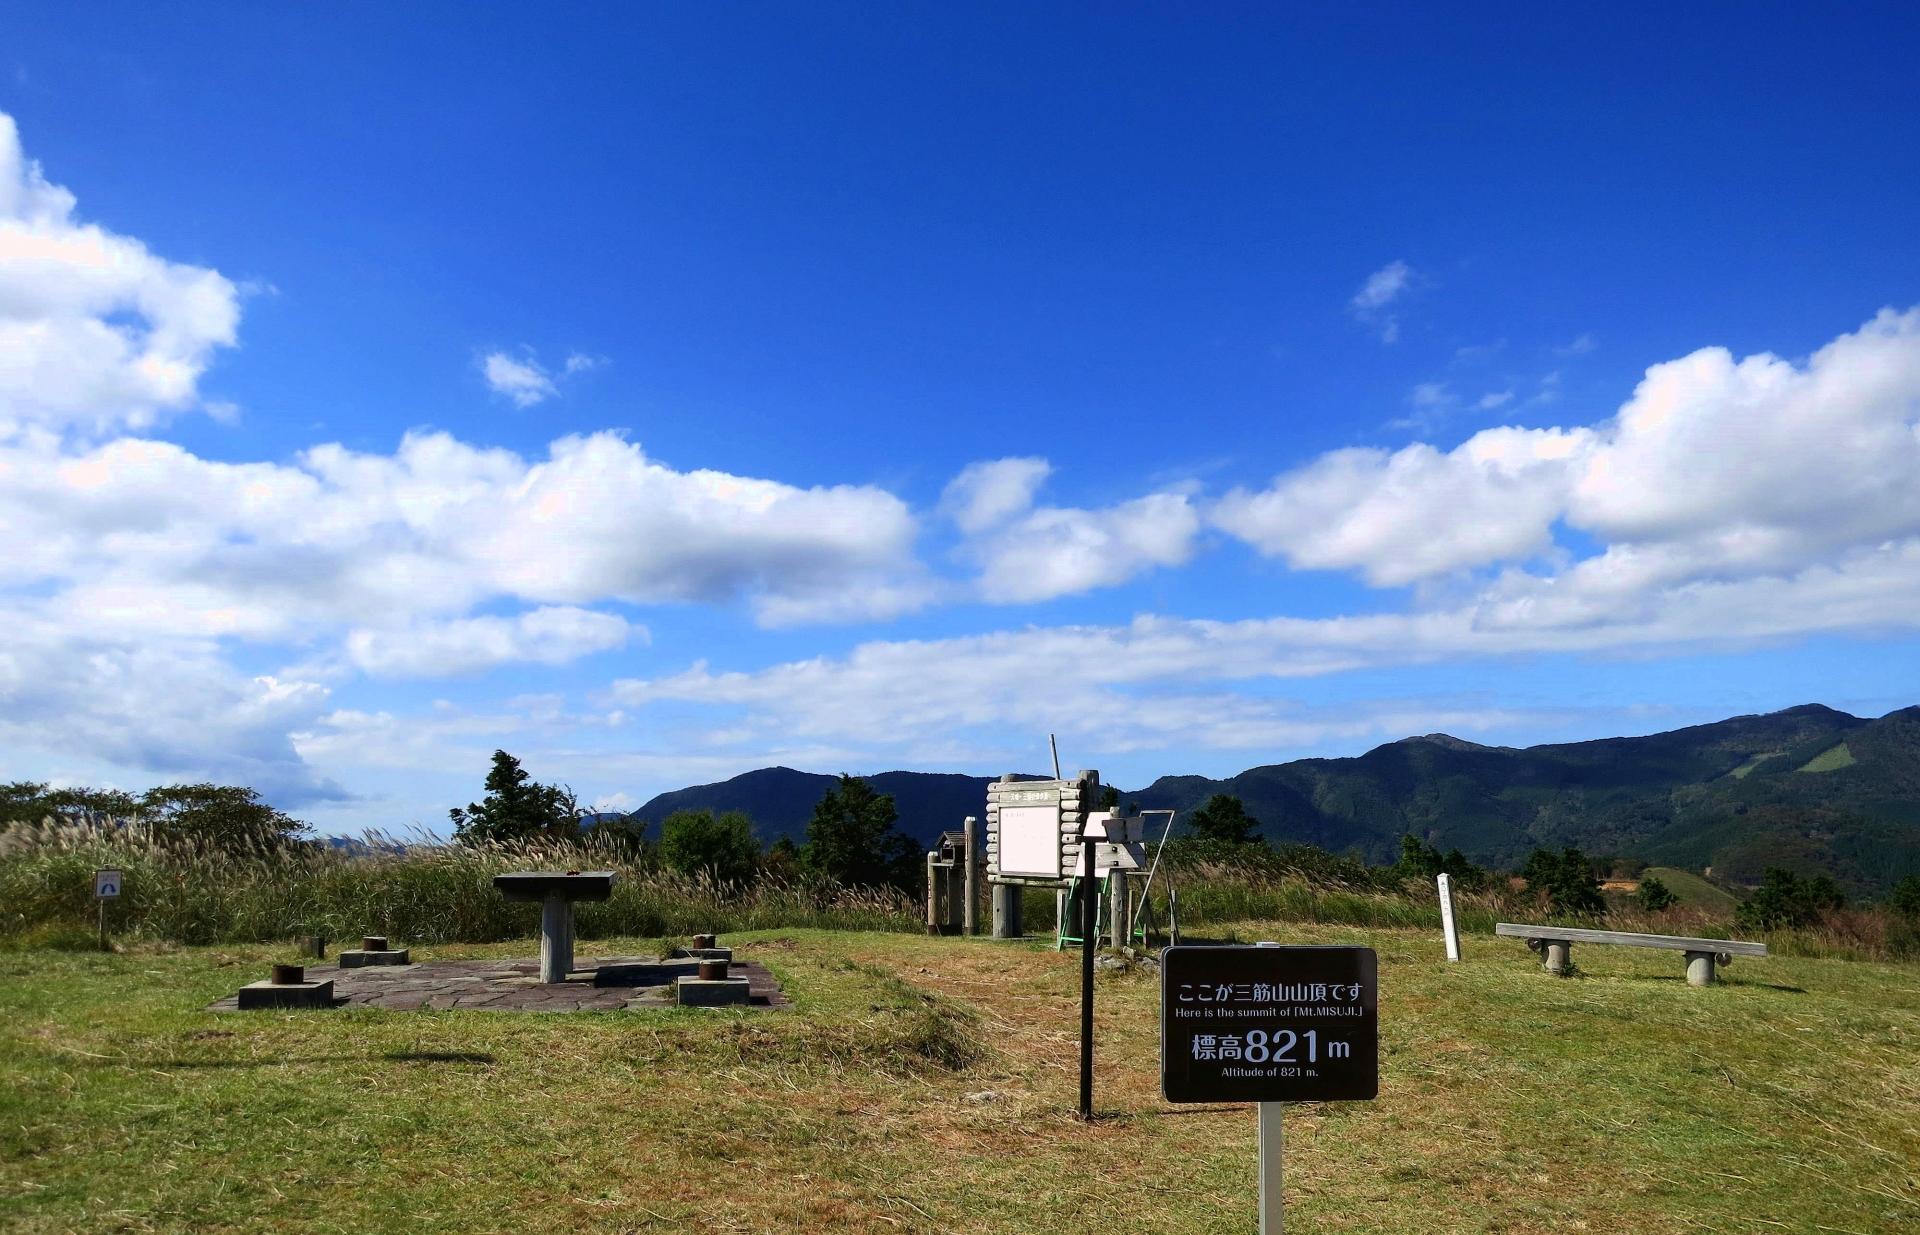 三筋山山頂のベンチや案内板などの風景